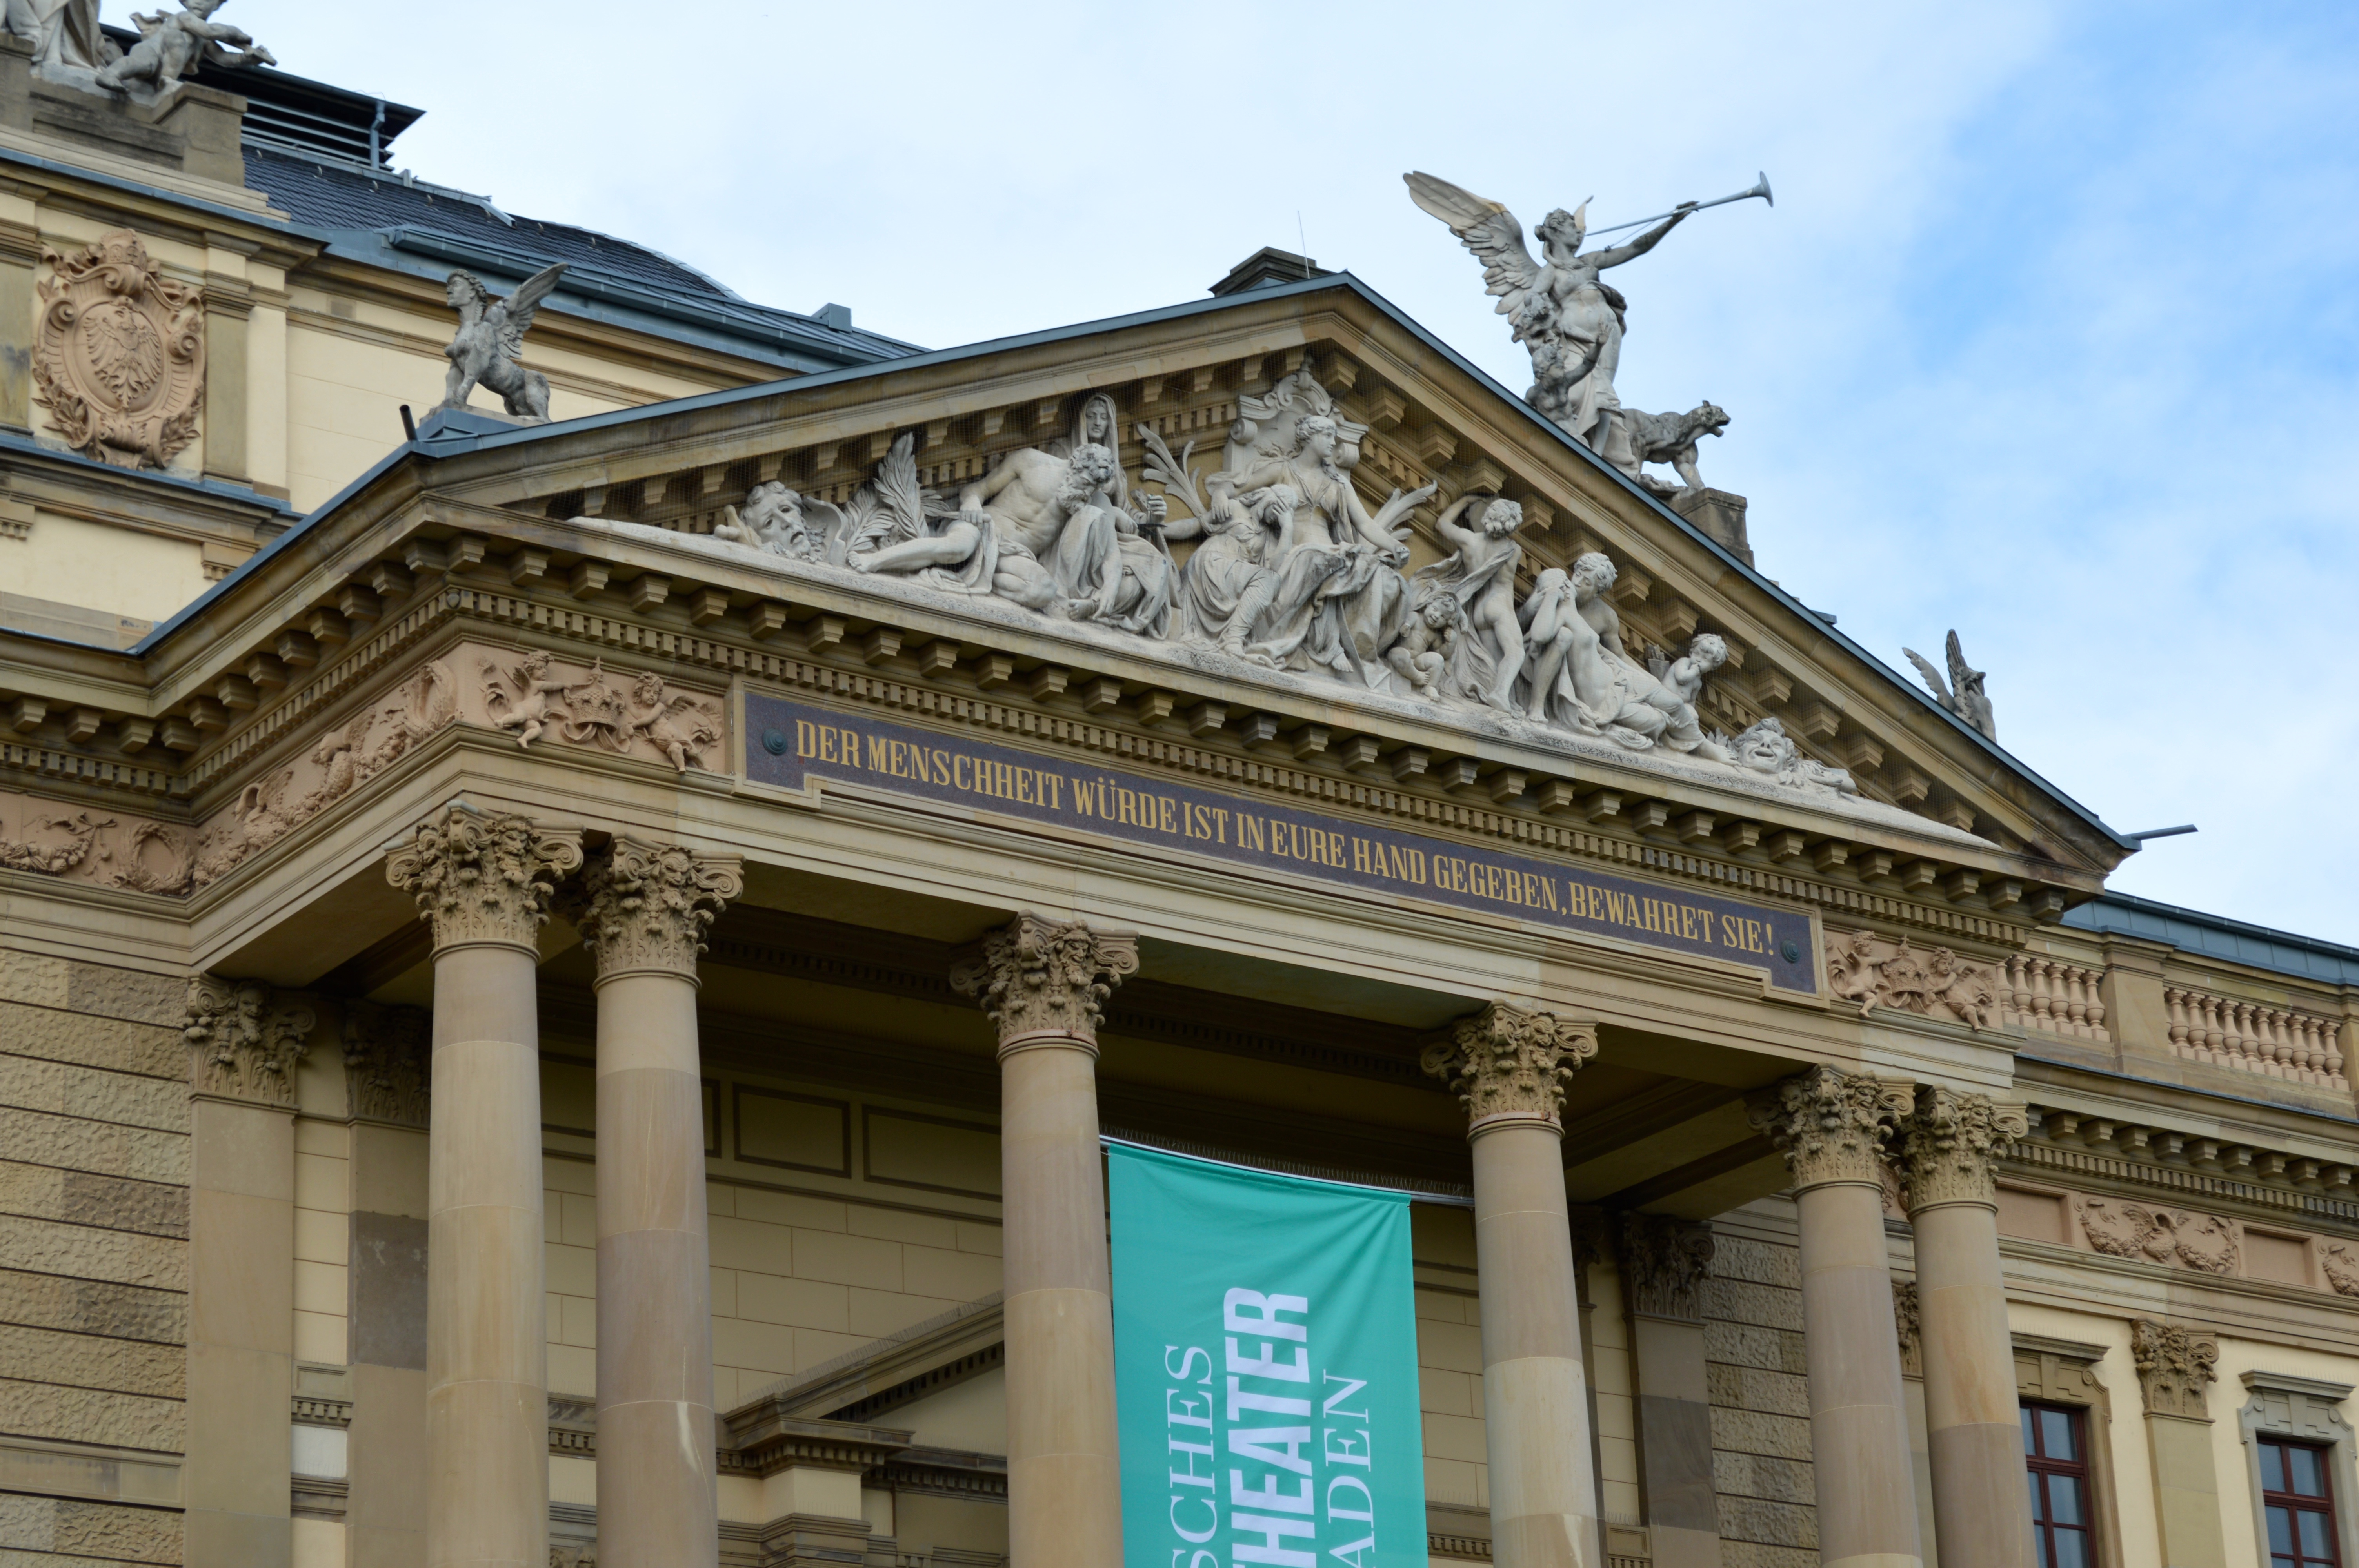 Wiesbadene Staatstheater